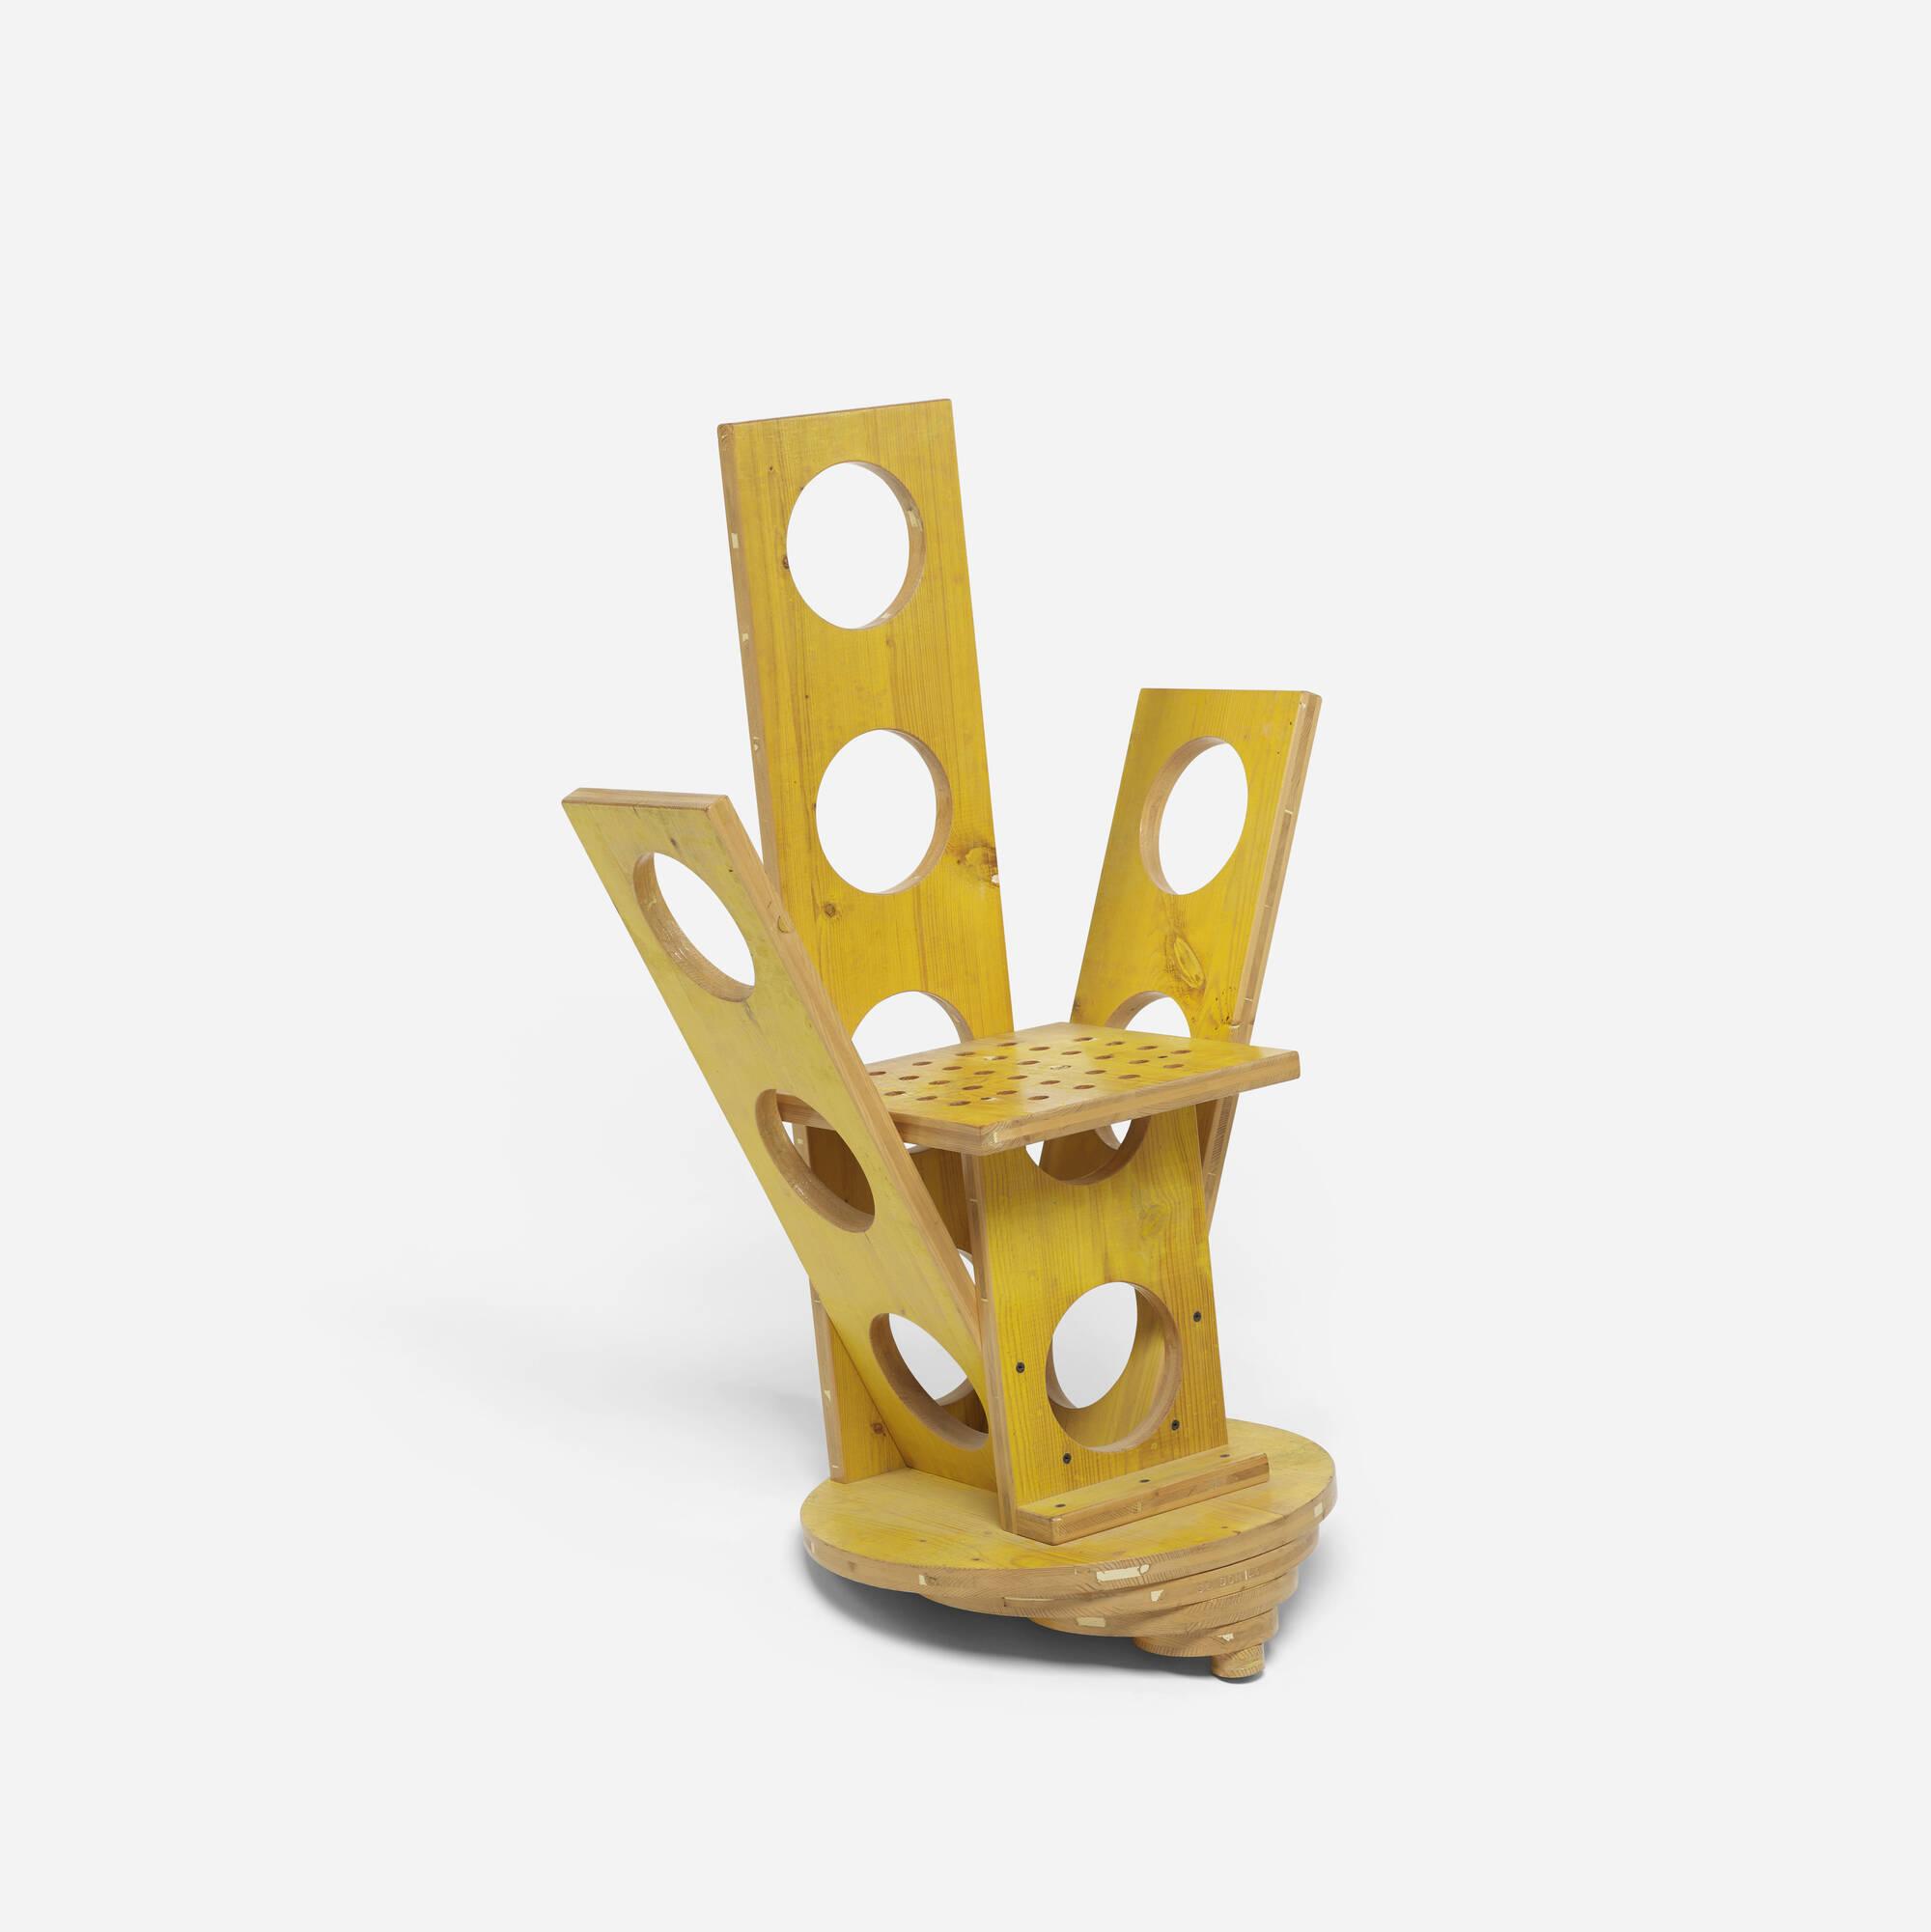 505: Cesare Leonardi / prototype chair (1 of 3)